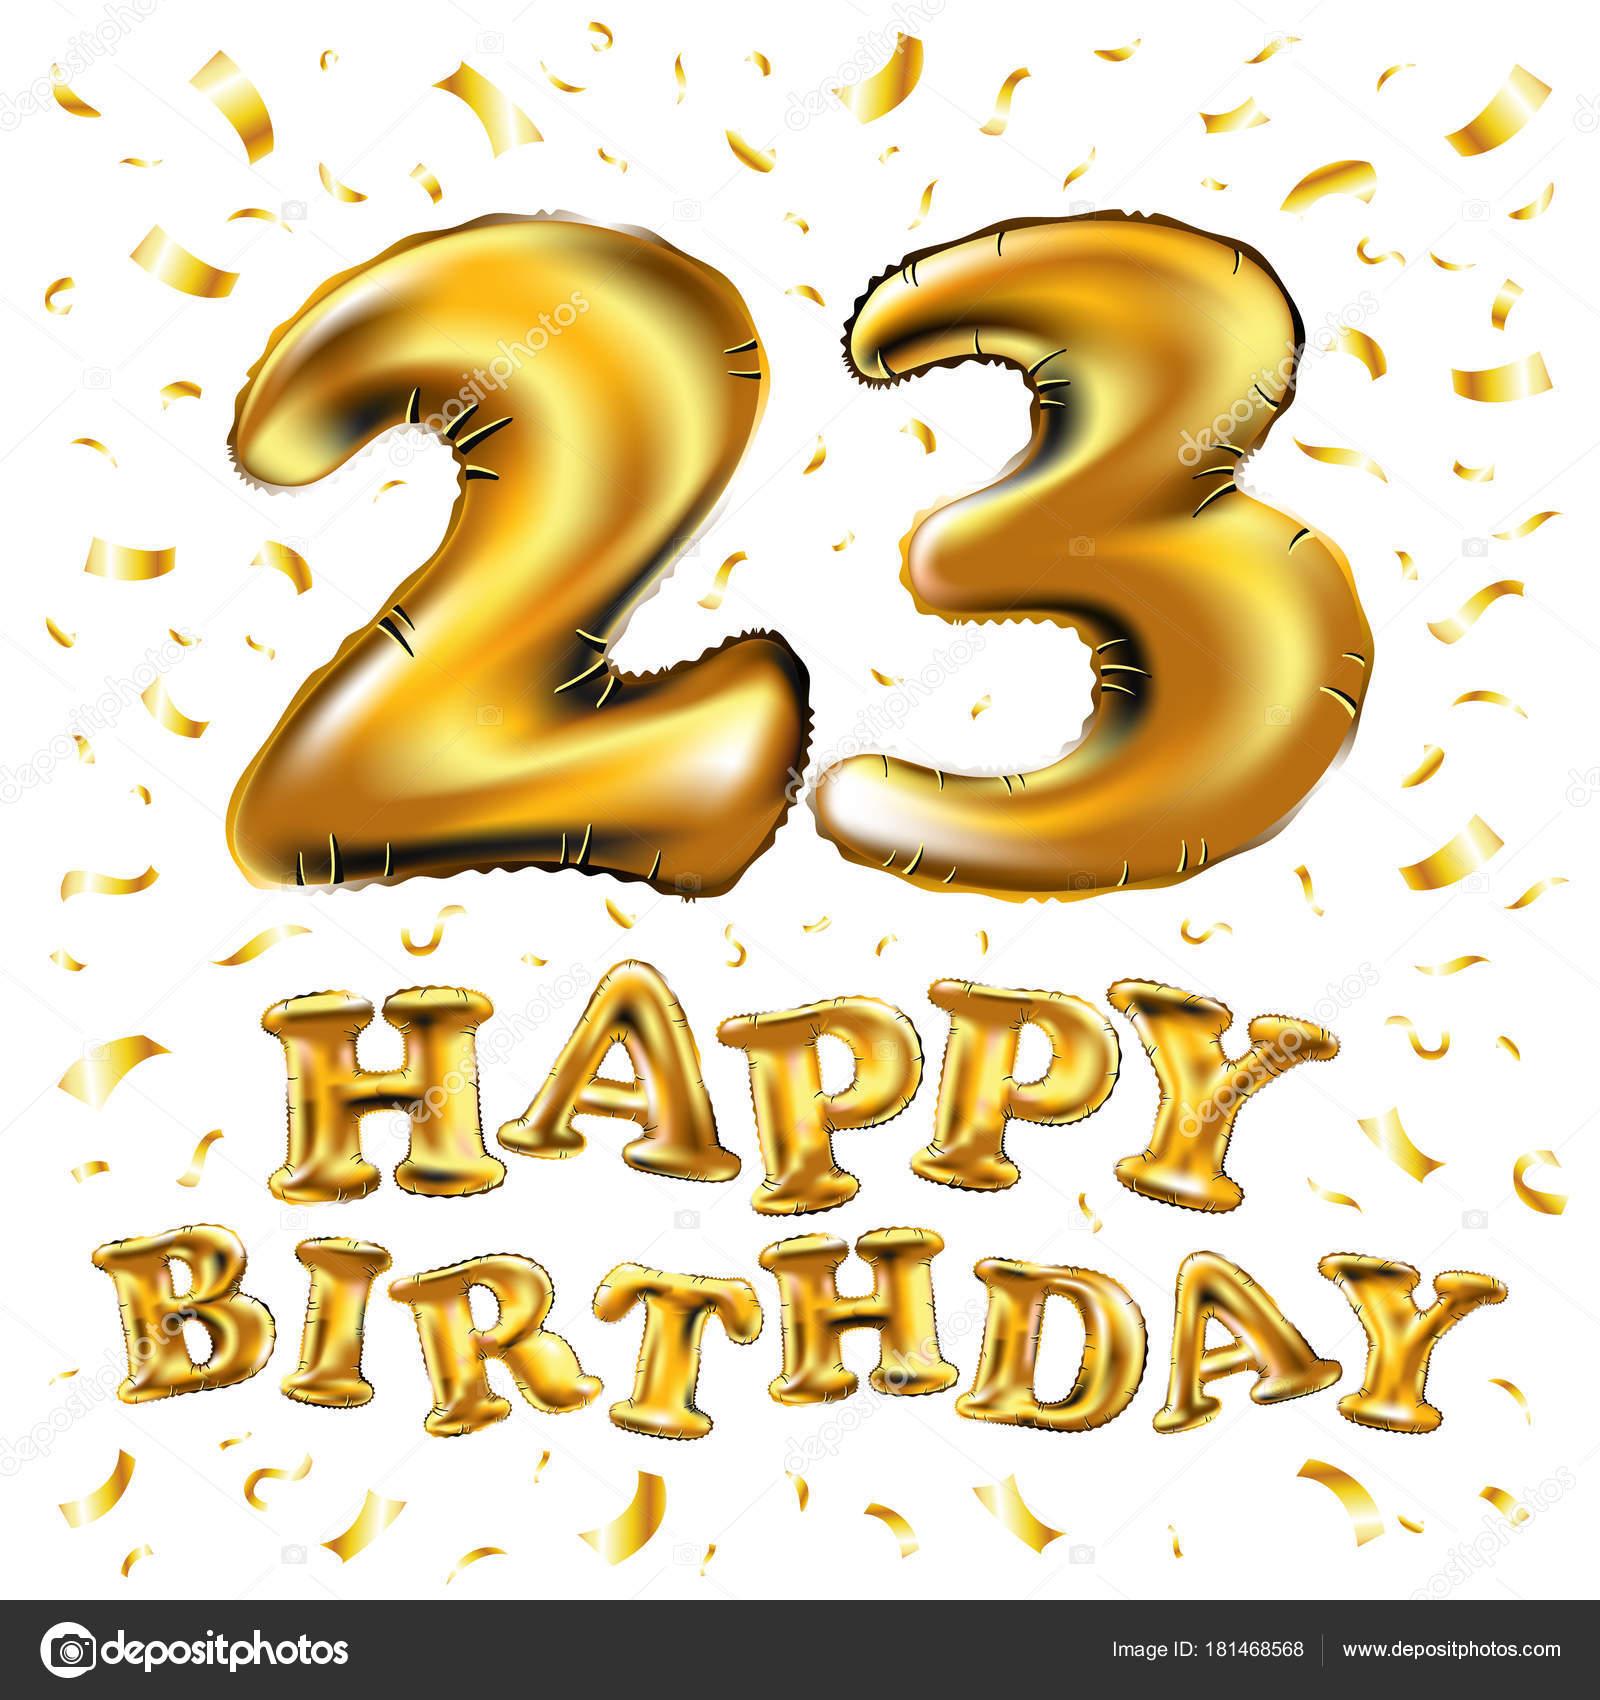 Смешные картинки 23 года день рождения, видом рима марта